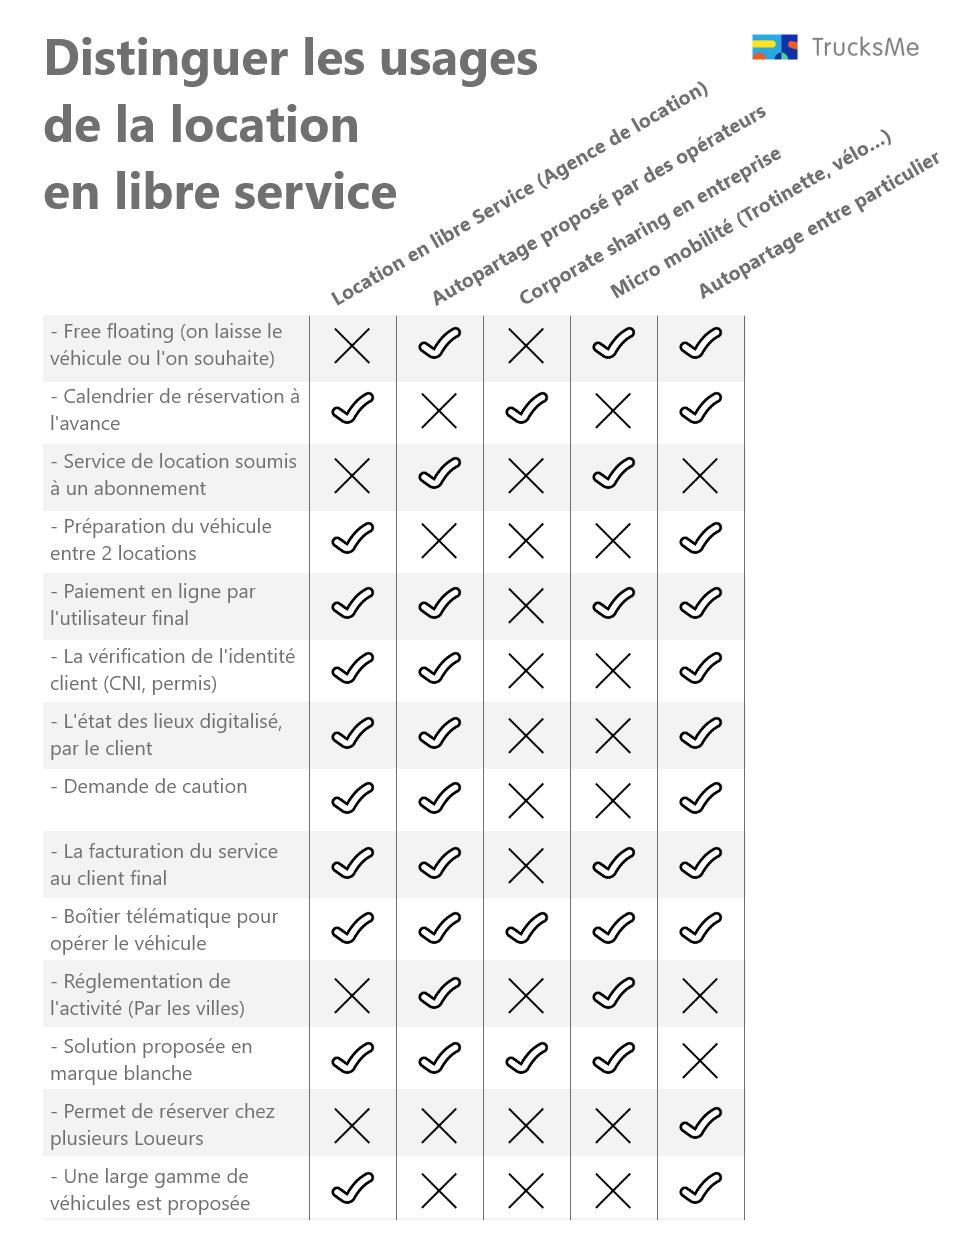 Différence entre les usages de la location en libre service